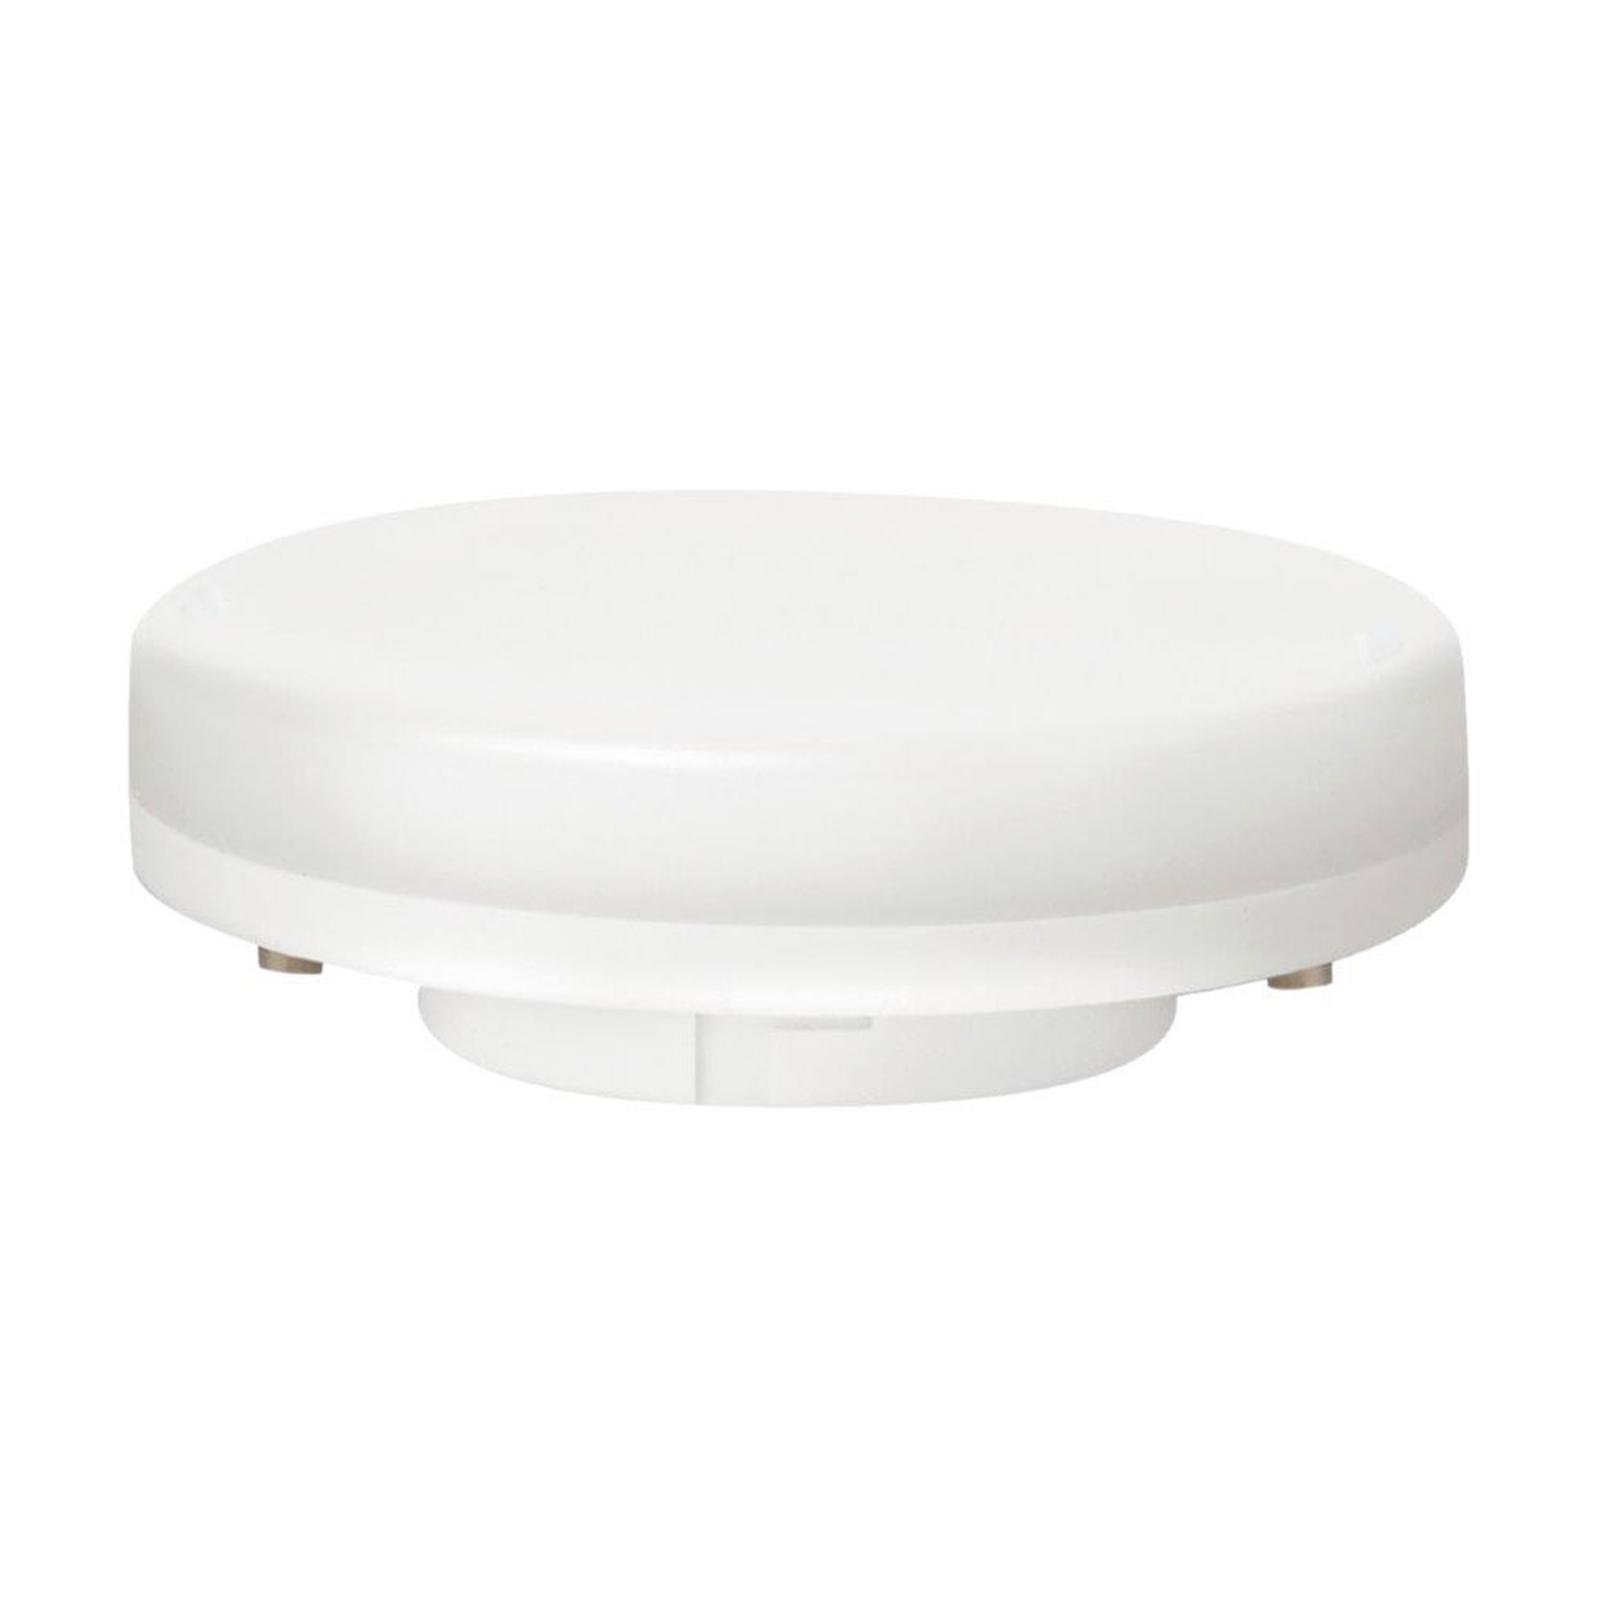 LED-Lampe GX53 6,5 W 650 lm 3.000 K gefrostet